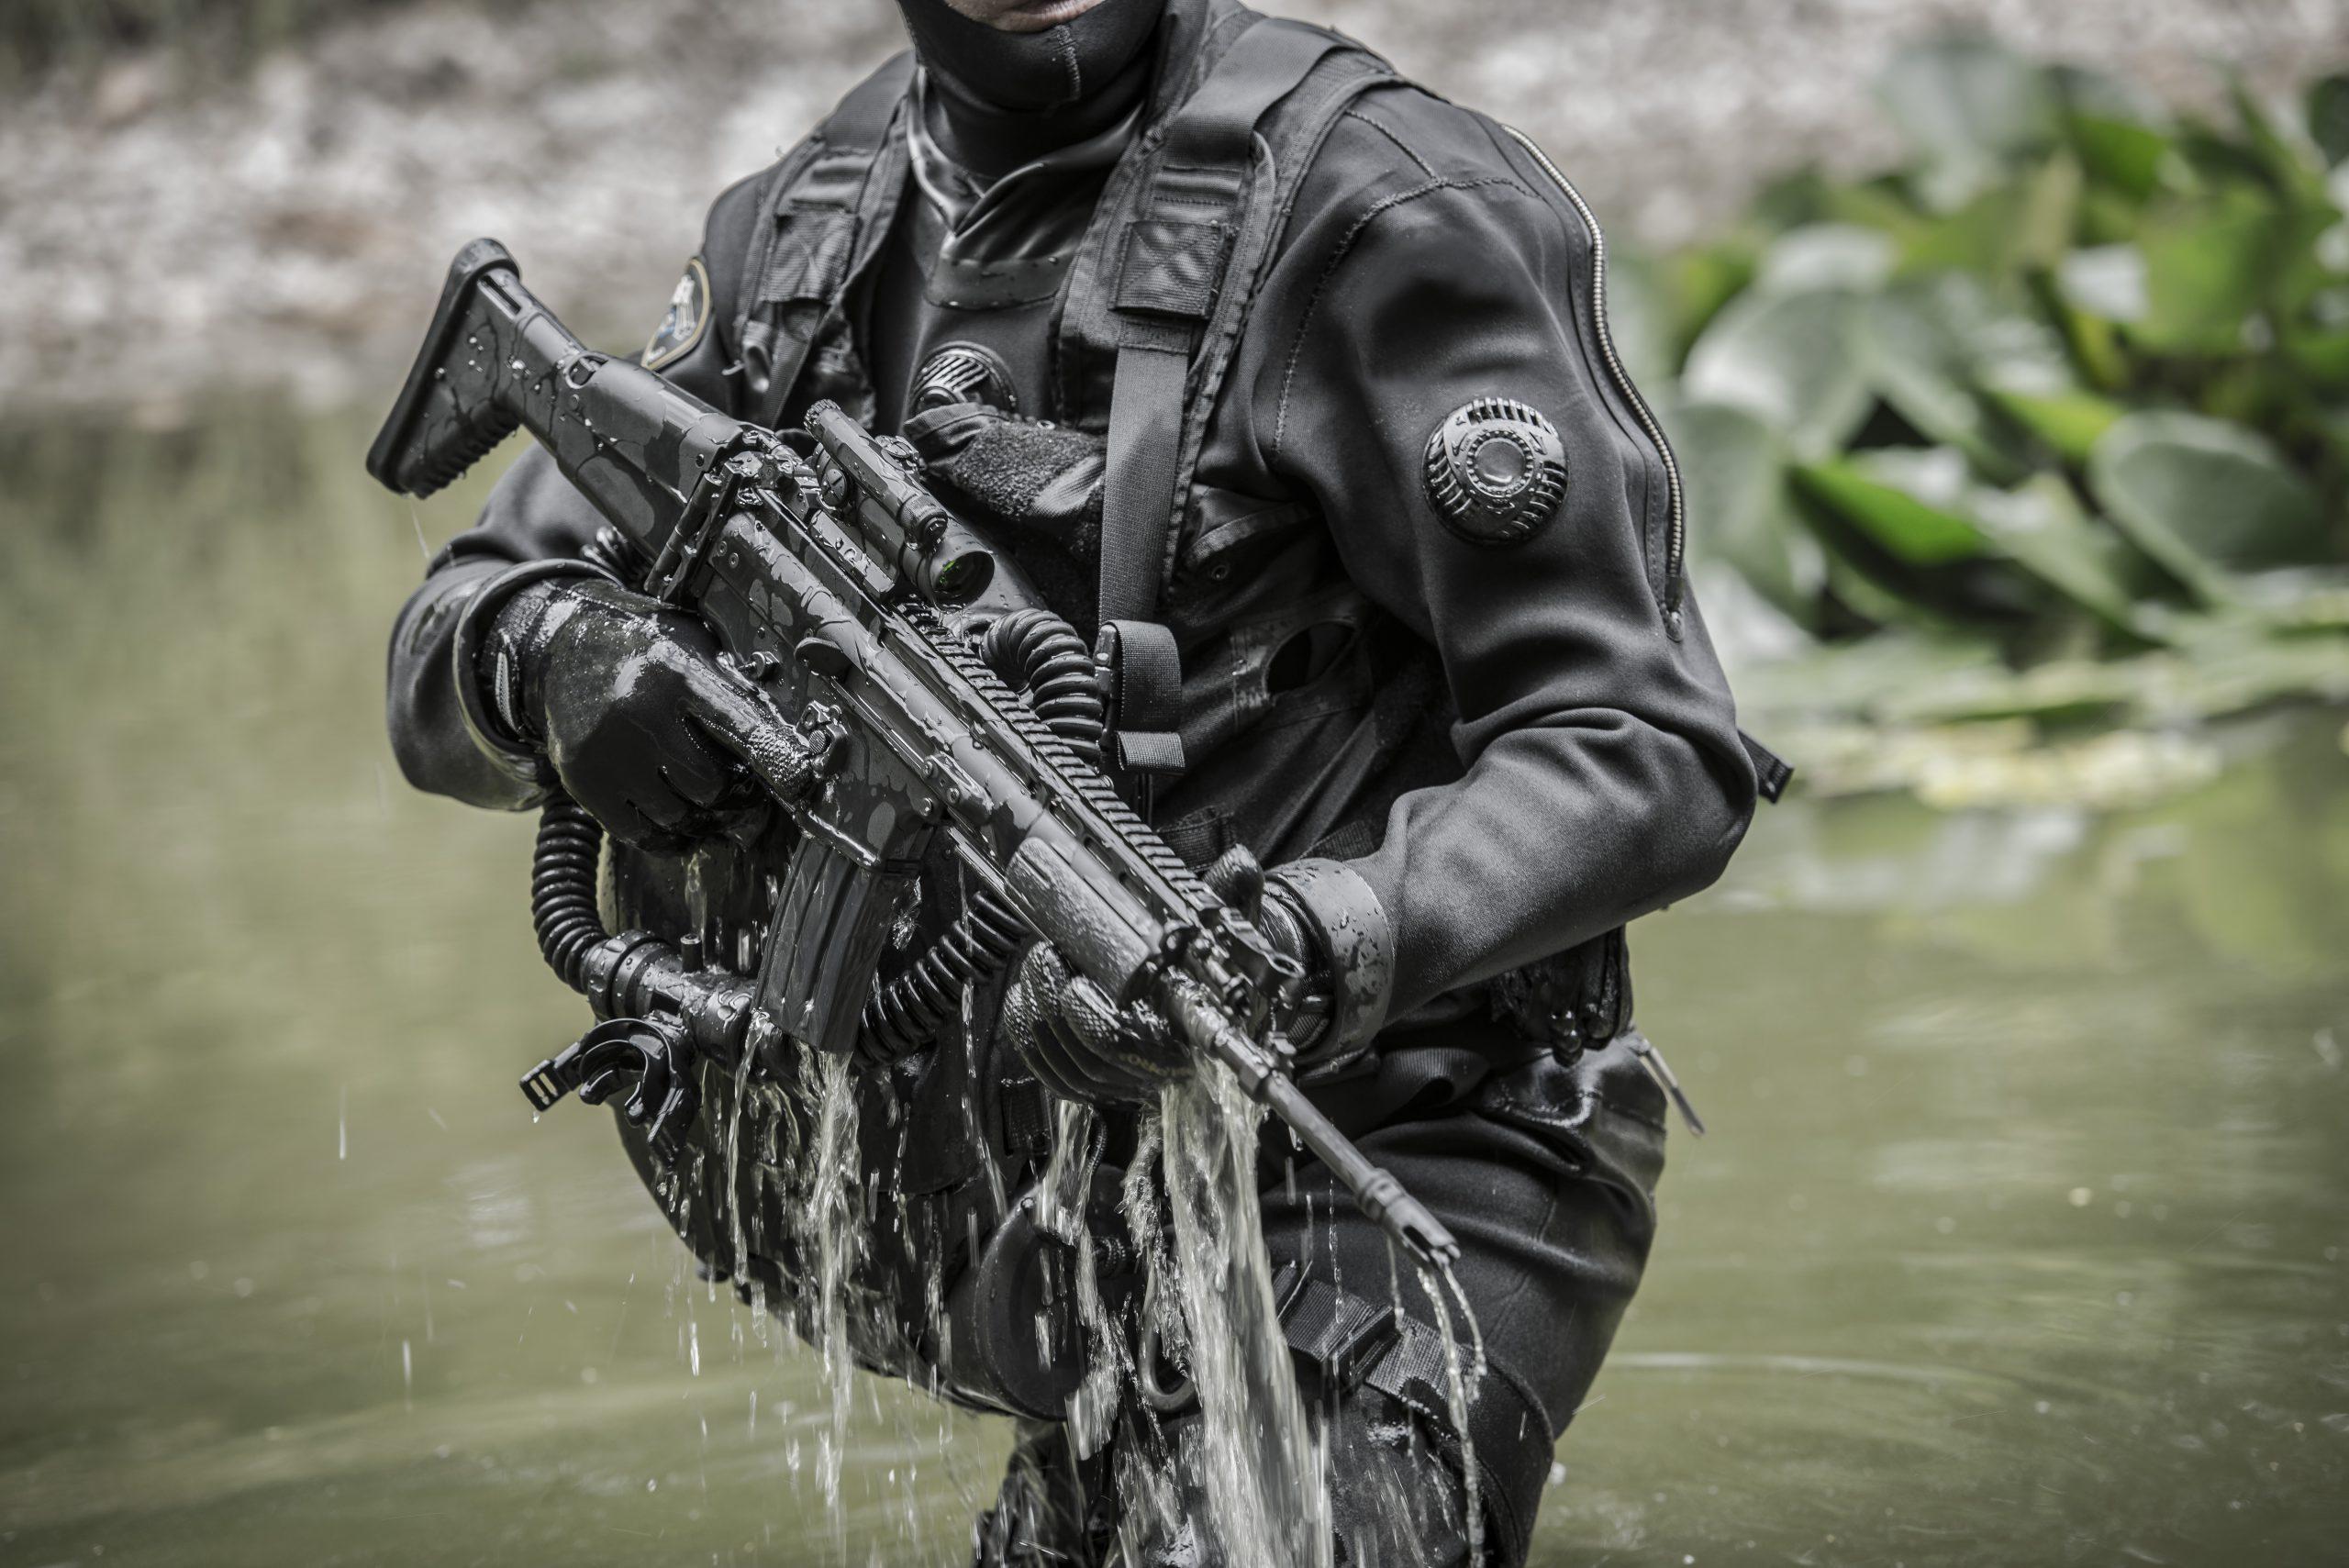 FN SCAR®-L STD